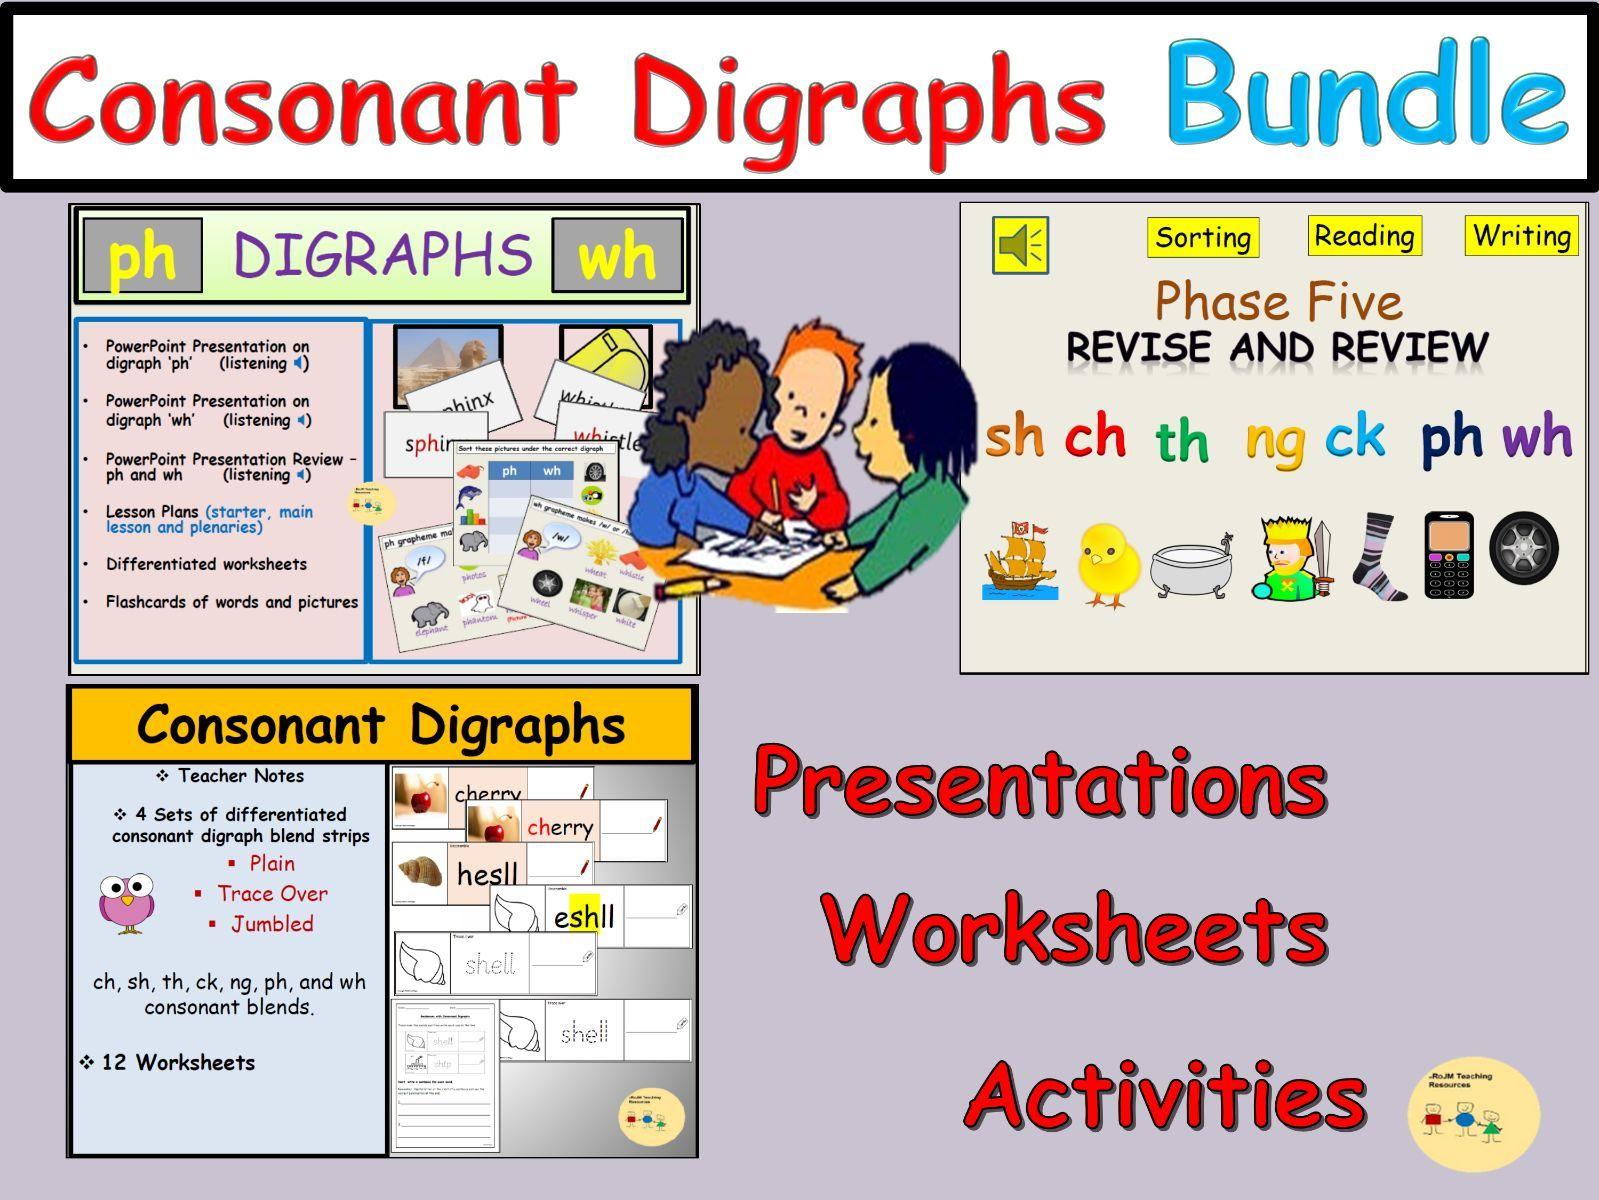 Consonant Digraph Bundle - Worksheets, Activities, Presentations, Lesson Plans